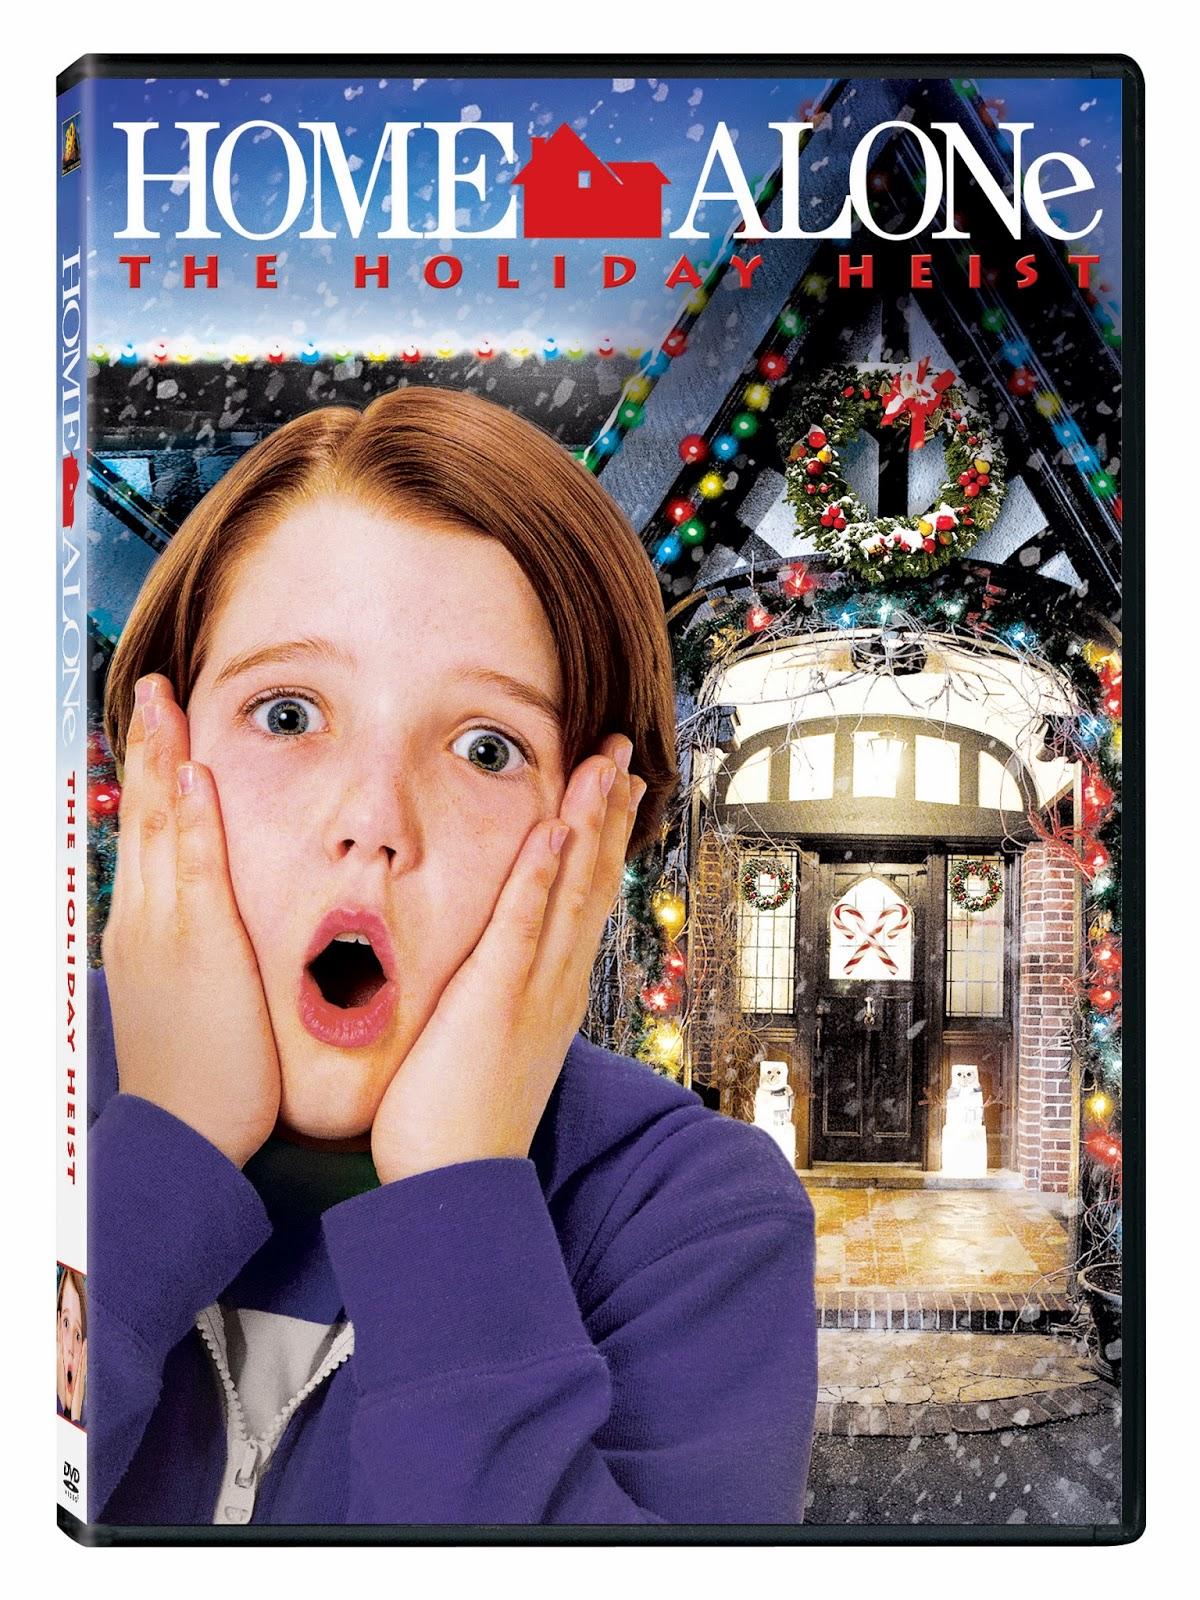 ? Nh� M?t M�nh 5 : V? Tr?m ?�m Gi�ng Sinh - Home Alone: The Holiday Heist